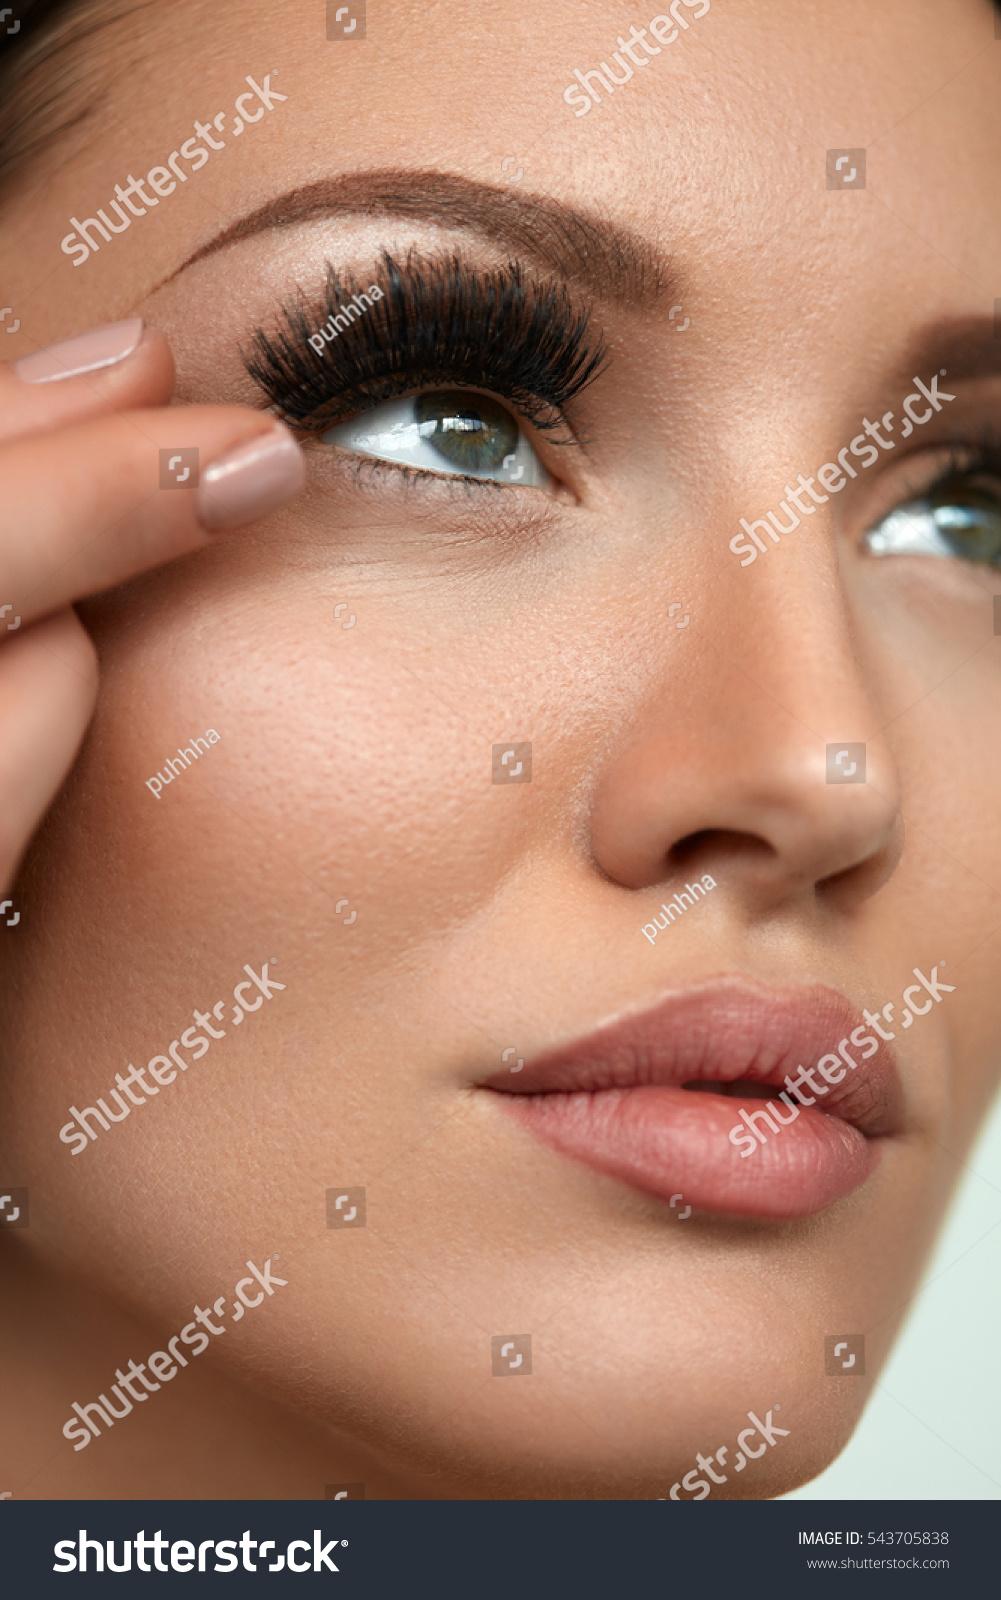 Applying False Eyelashes Long Fake Lashes Stock Photo Edit Now